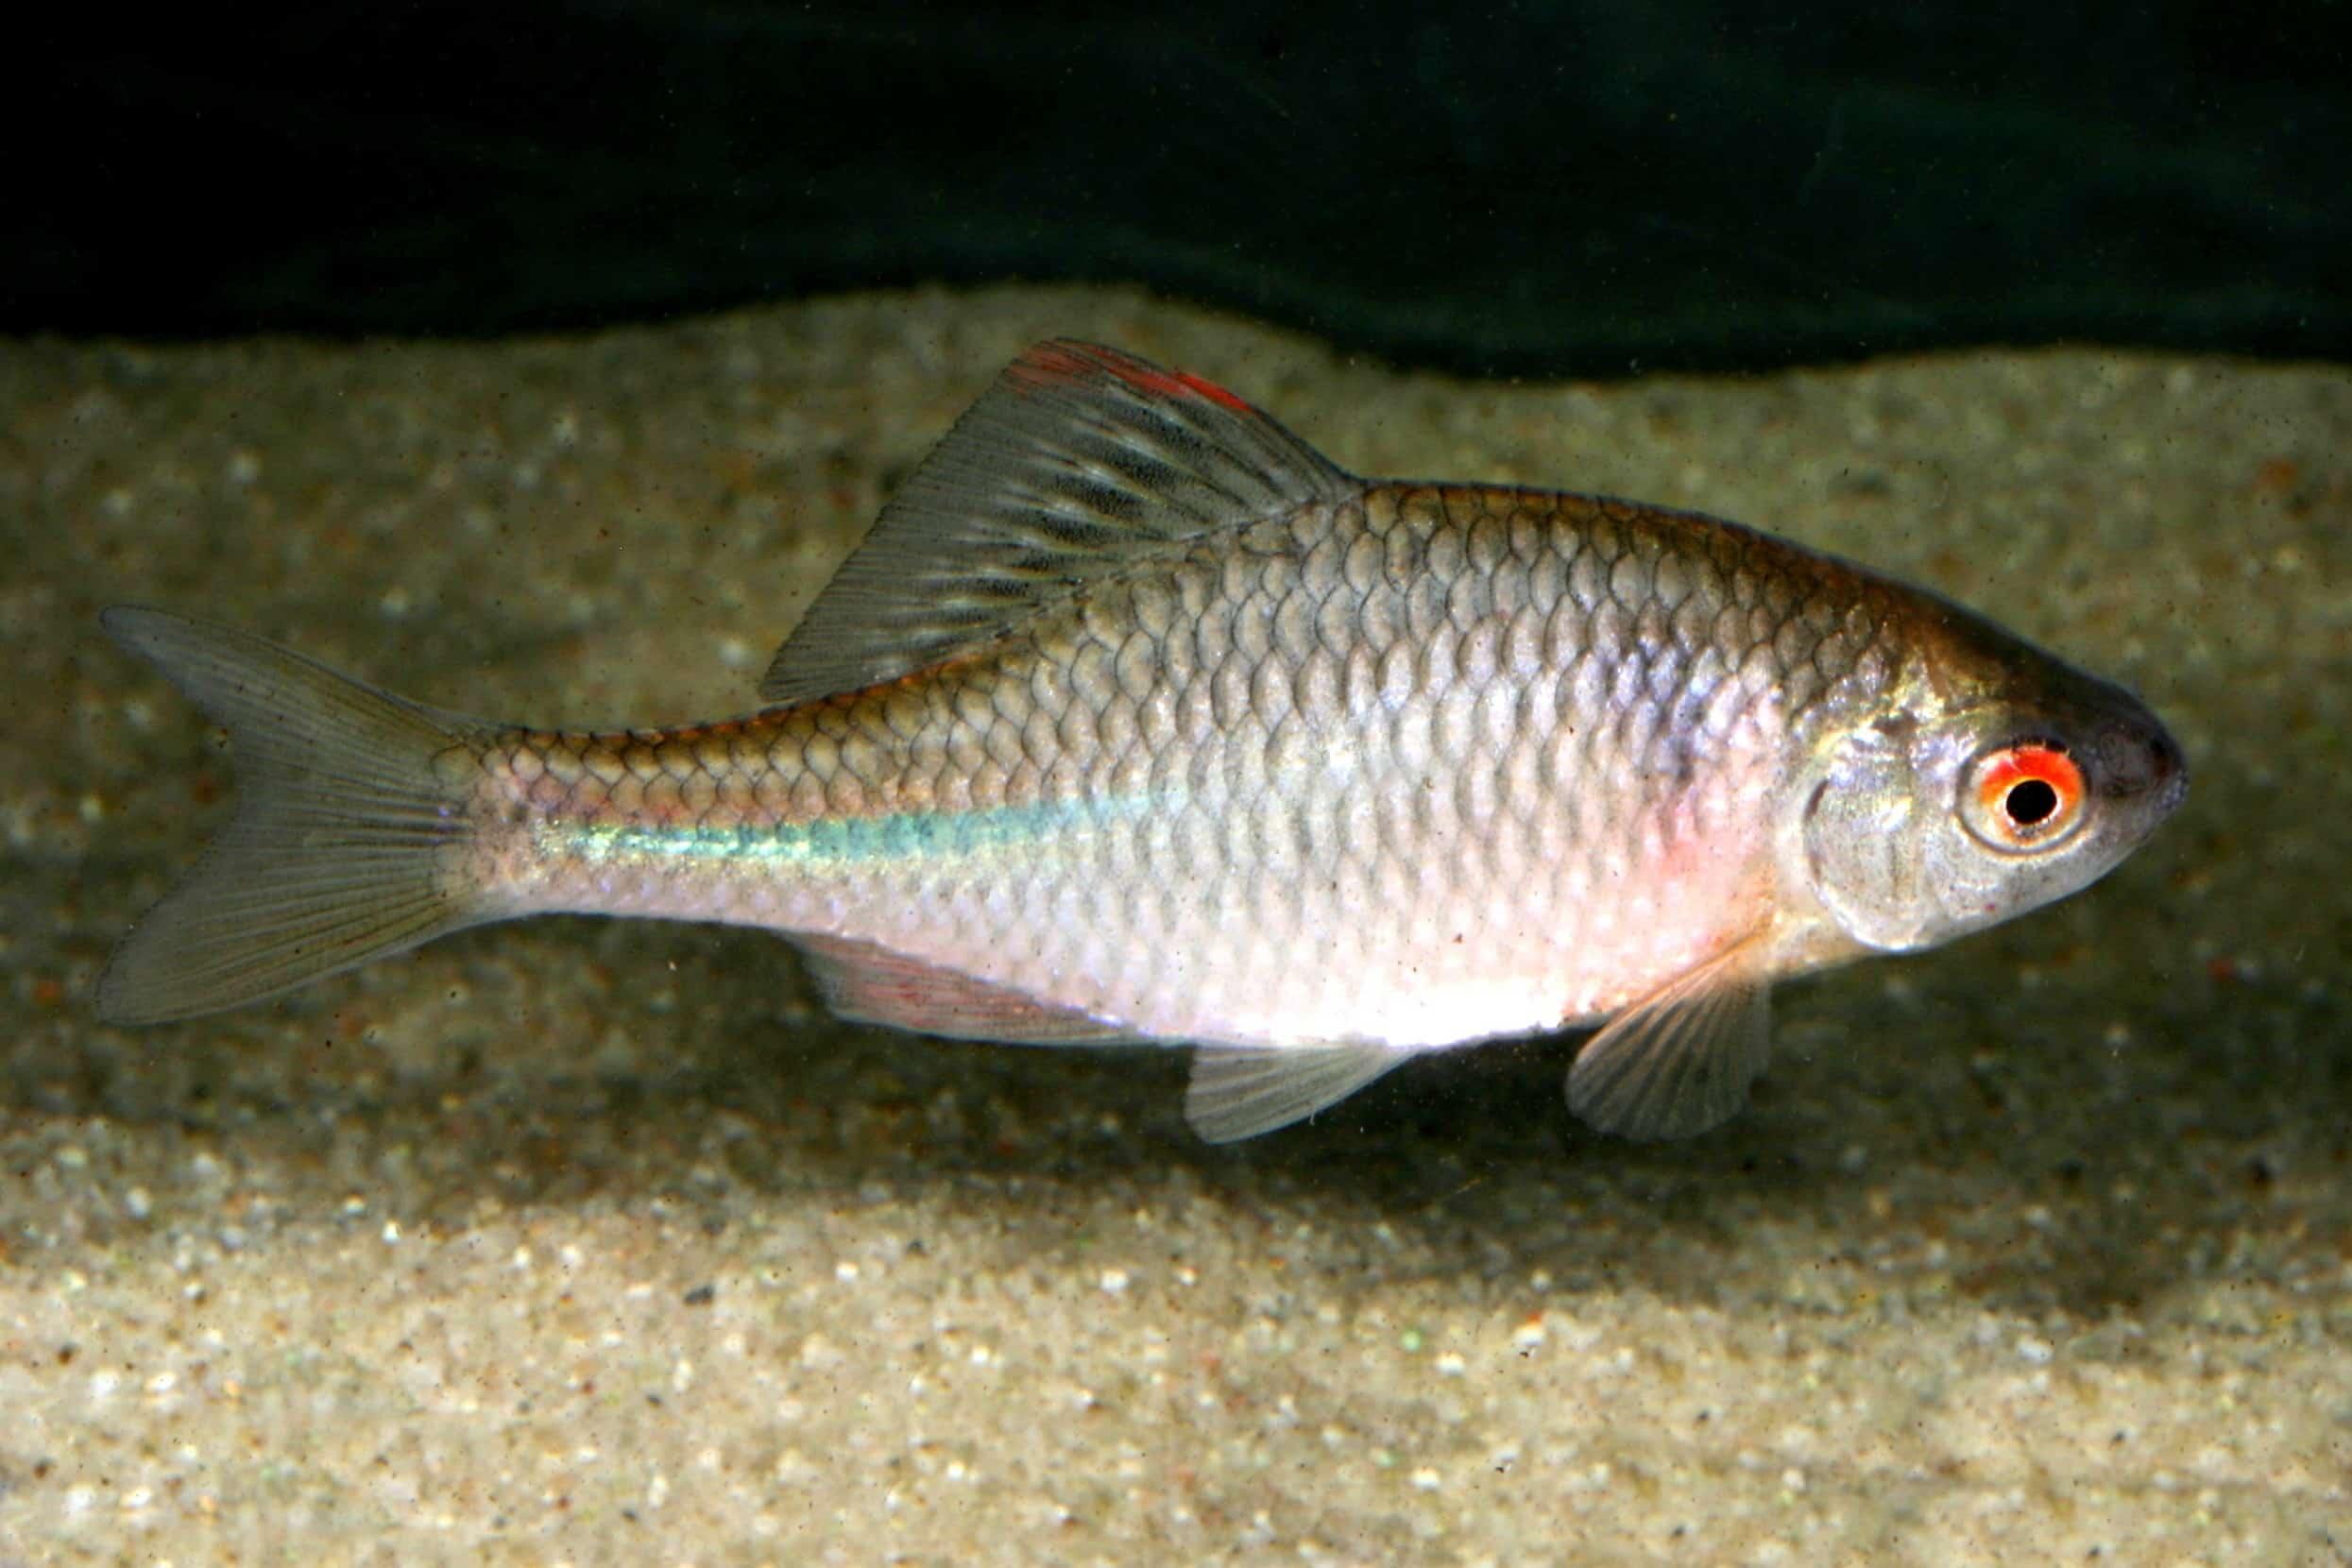 Foto: FLH. - Der Bitterling ist ein Schwarmfisch. Es sollten daher immer mindestens fünf bis sieben Tiere zusammenleben.